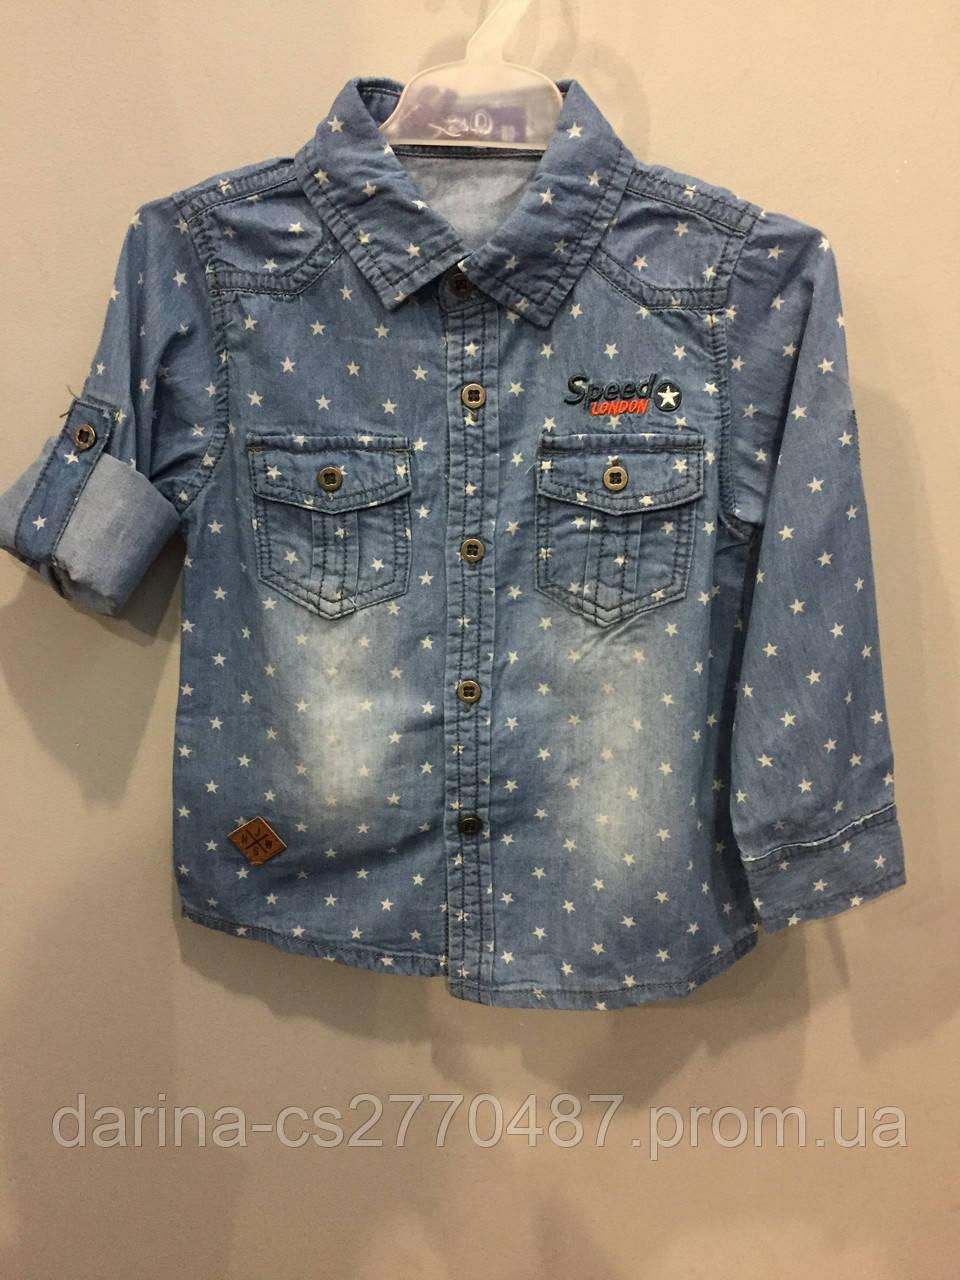 Детская джинсовая рубашка для мальчика 1(86),5(110) л